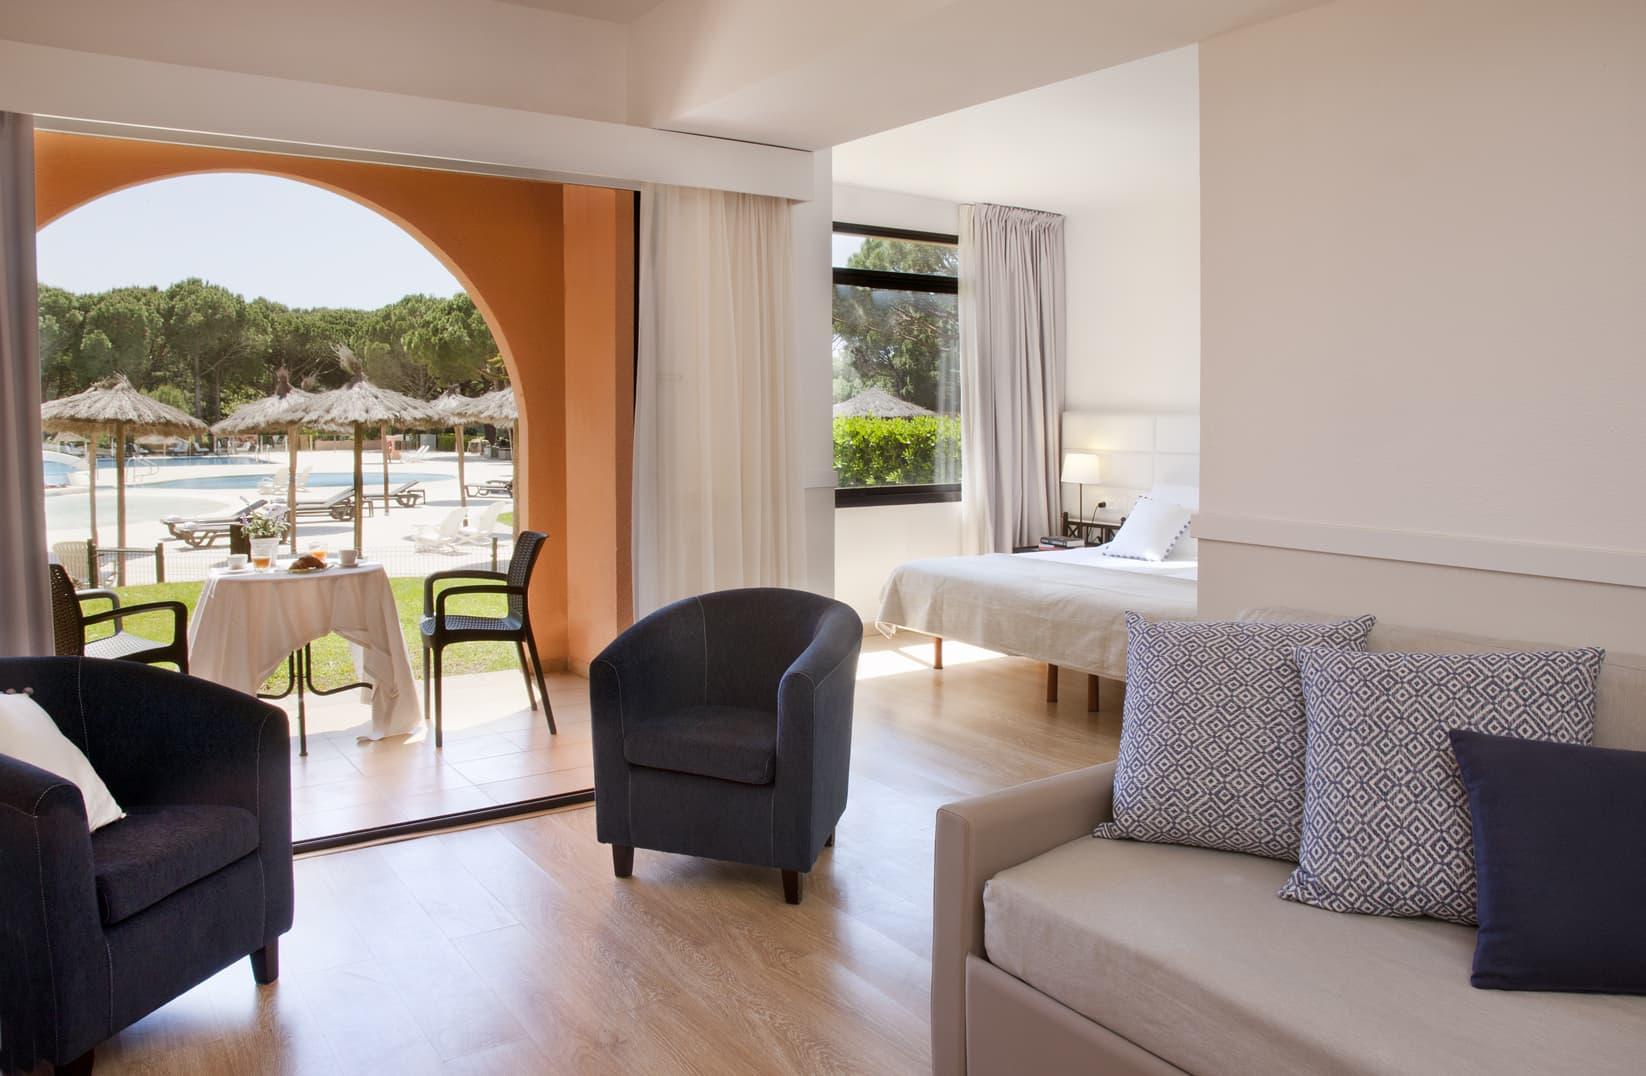 galeria/habitacions/junior-suite_pbpiscina.jpg